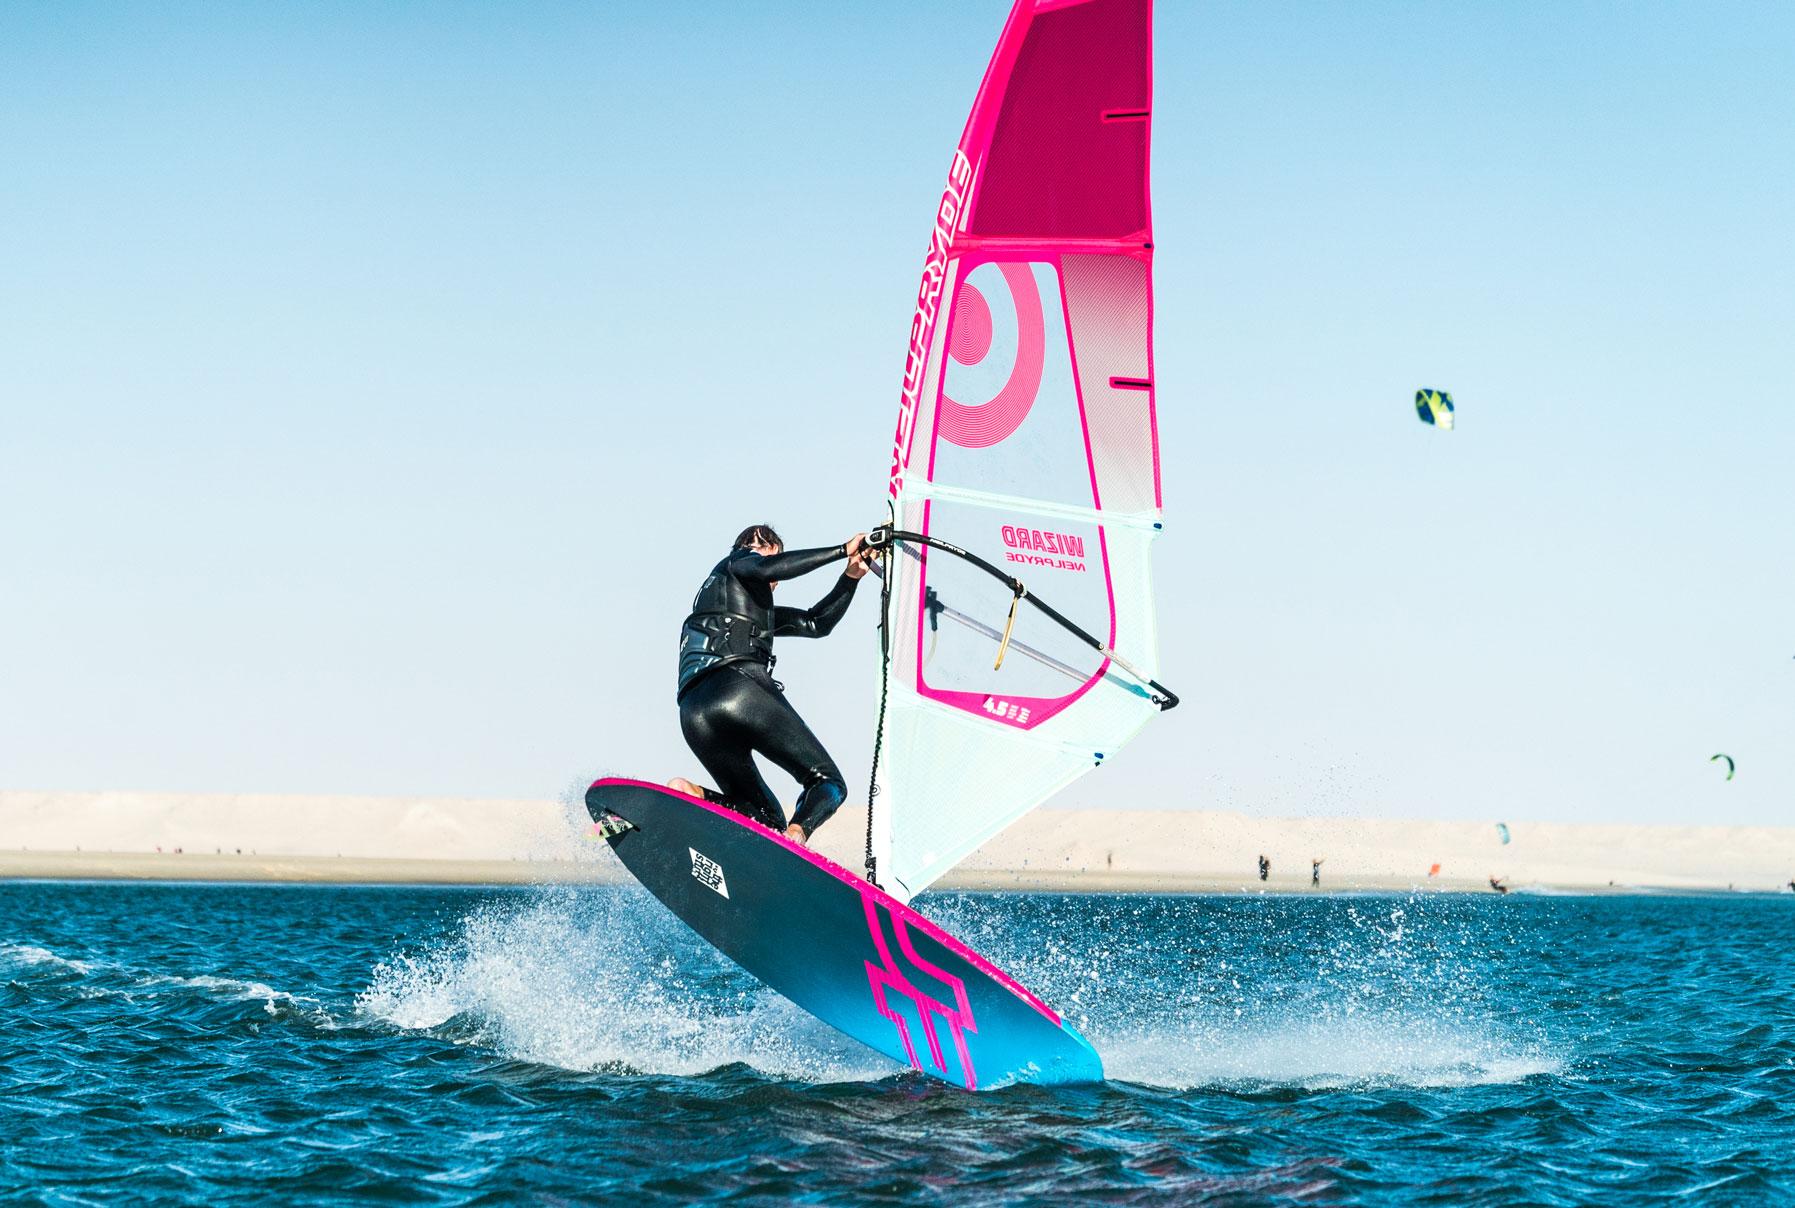 Regras Windsurf